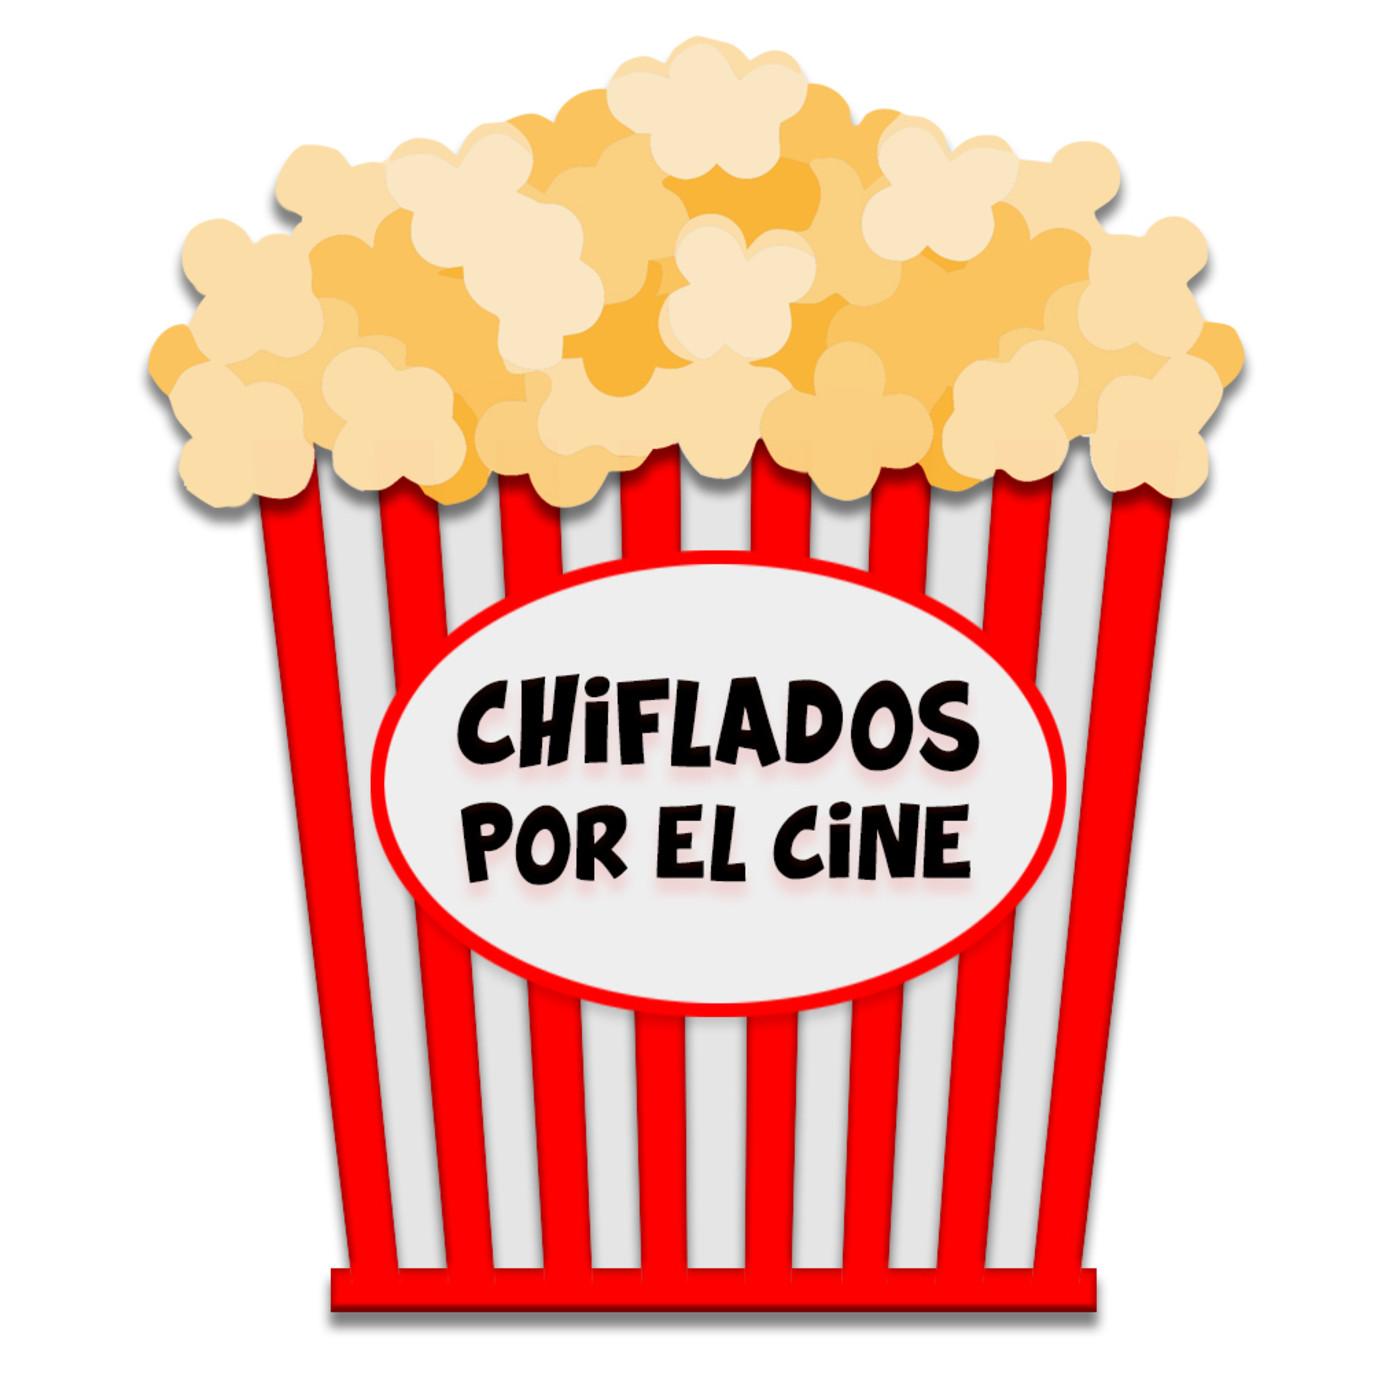 Chiflados por el cine